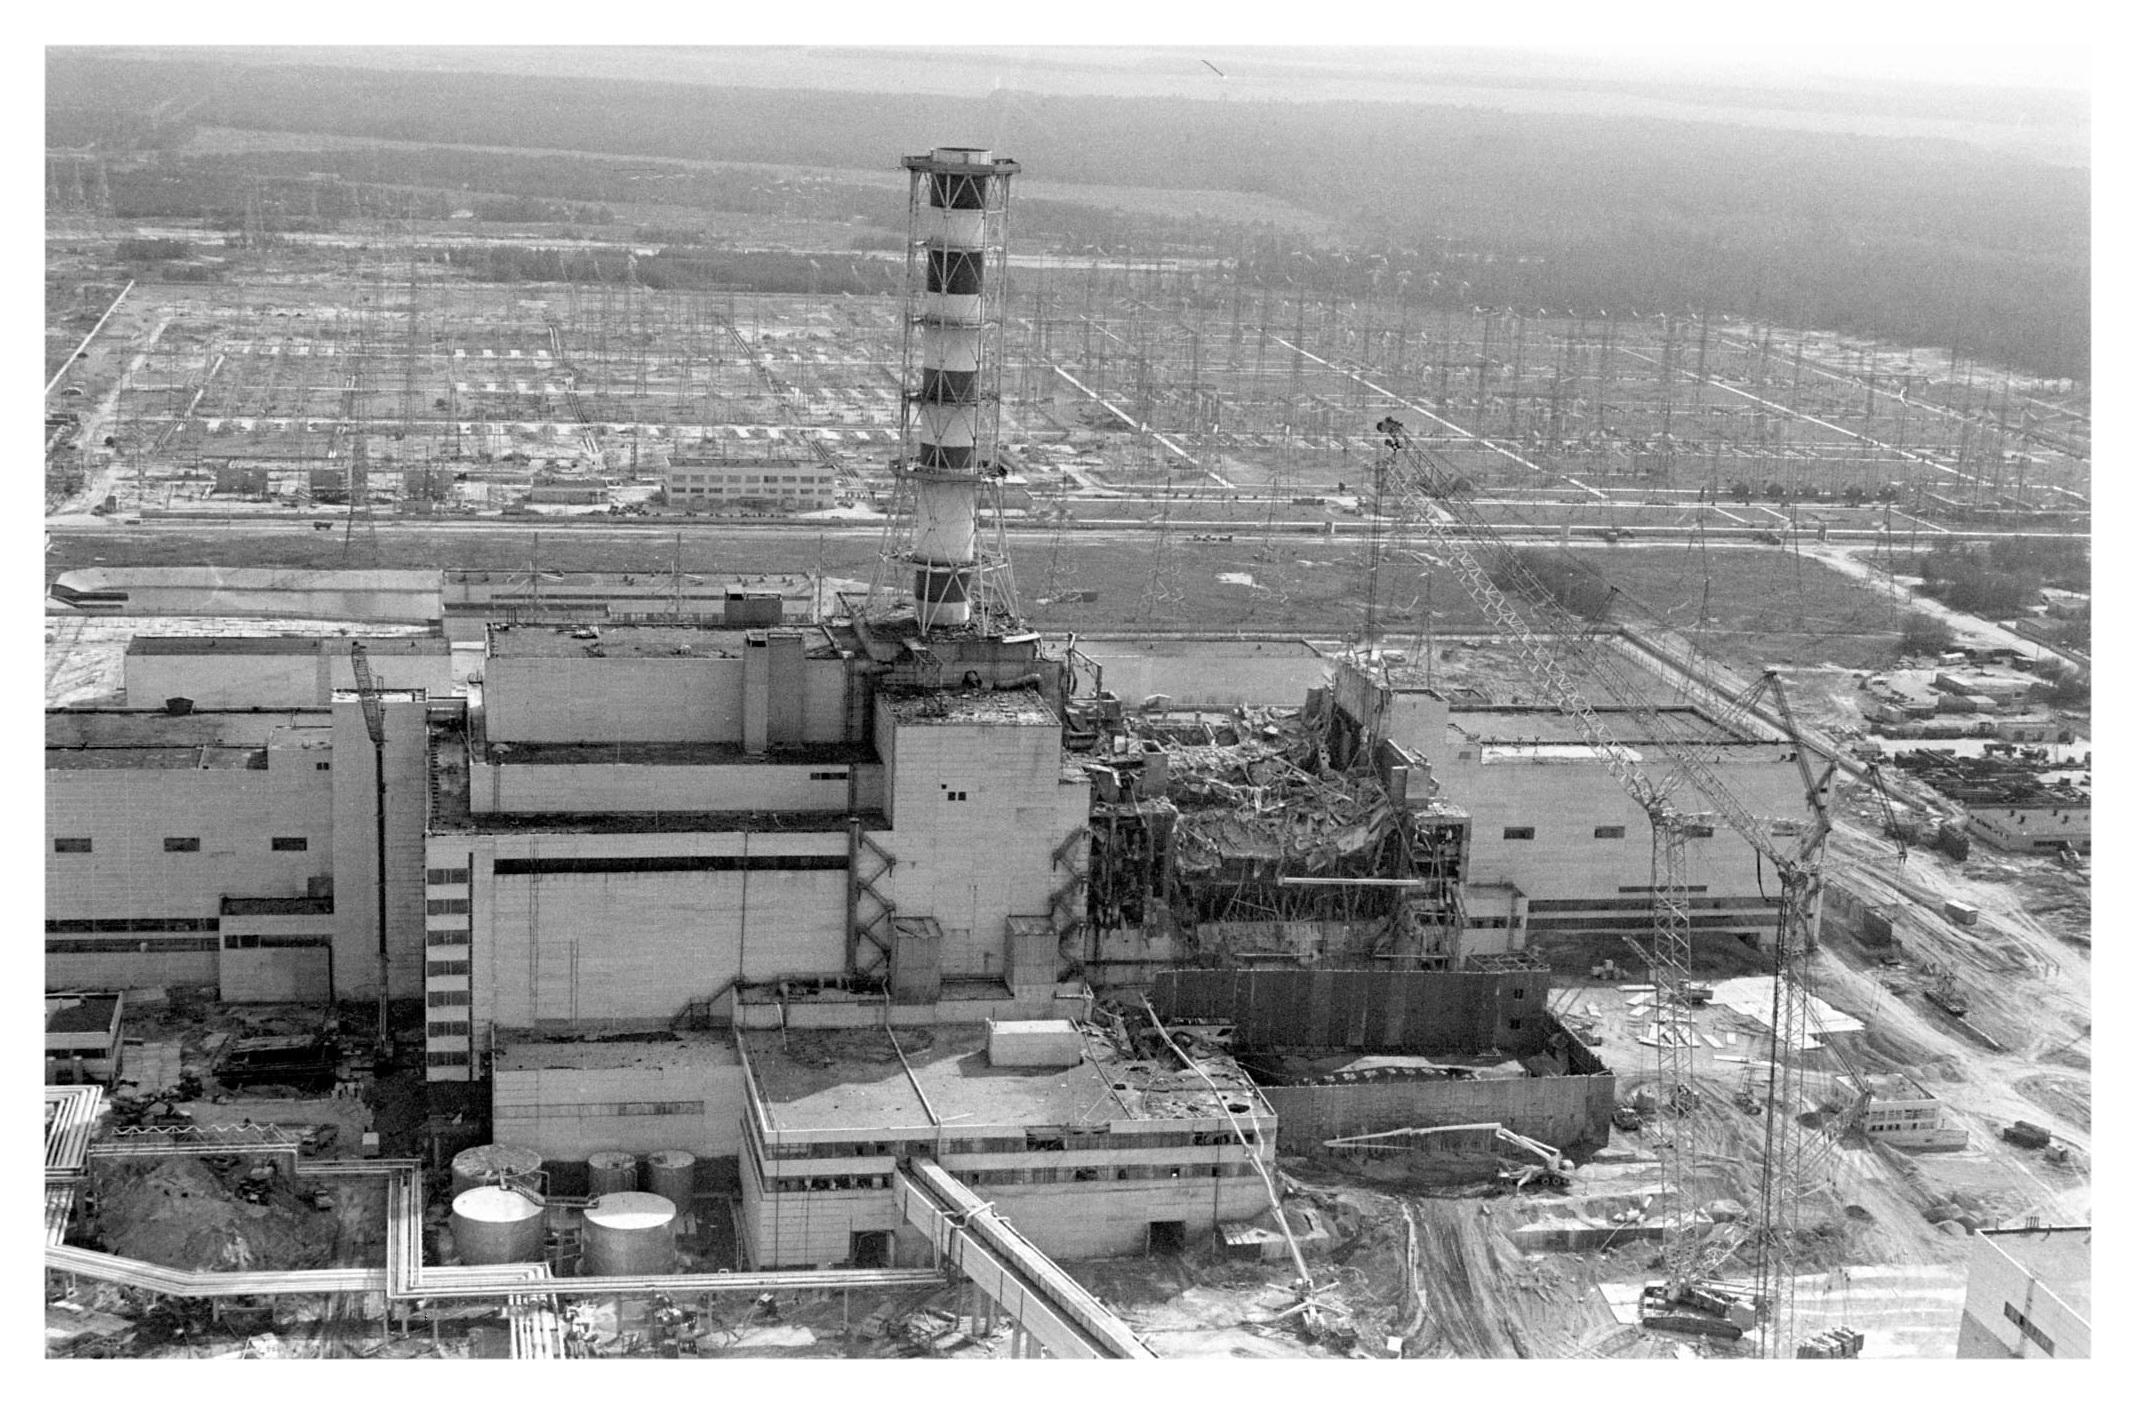 чернобыльской аварии фото